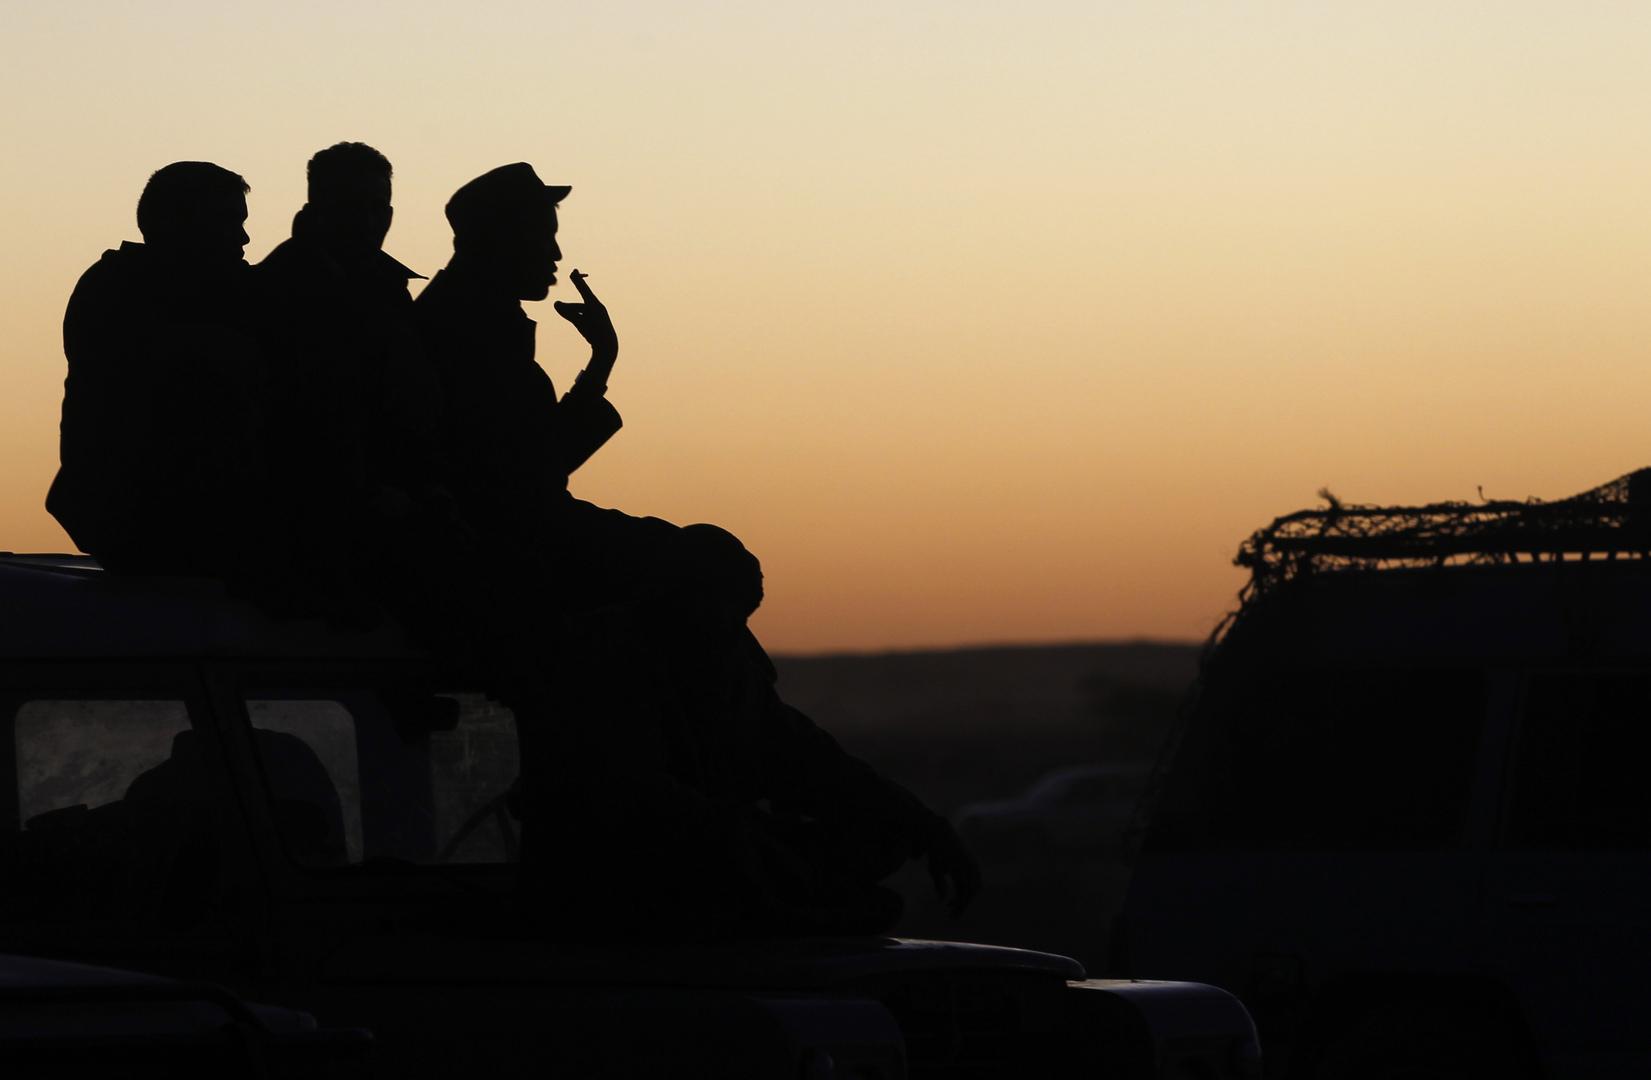 جنود تابعون لجبهة تحرير الساقية الحمراء ووادي الذهب (البوليساريو). الصورة: أرشيف.